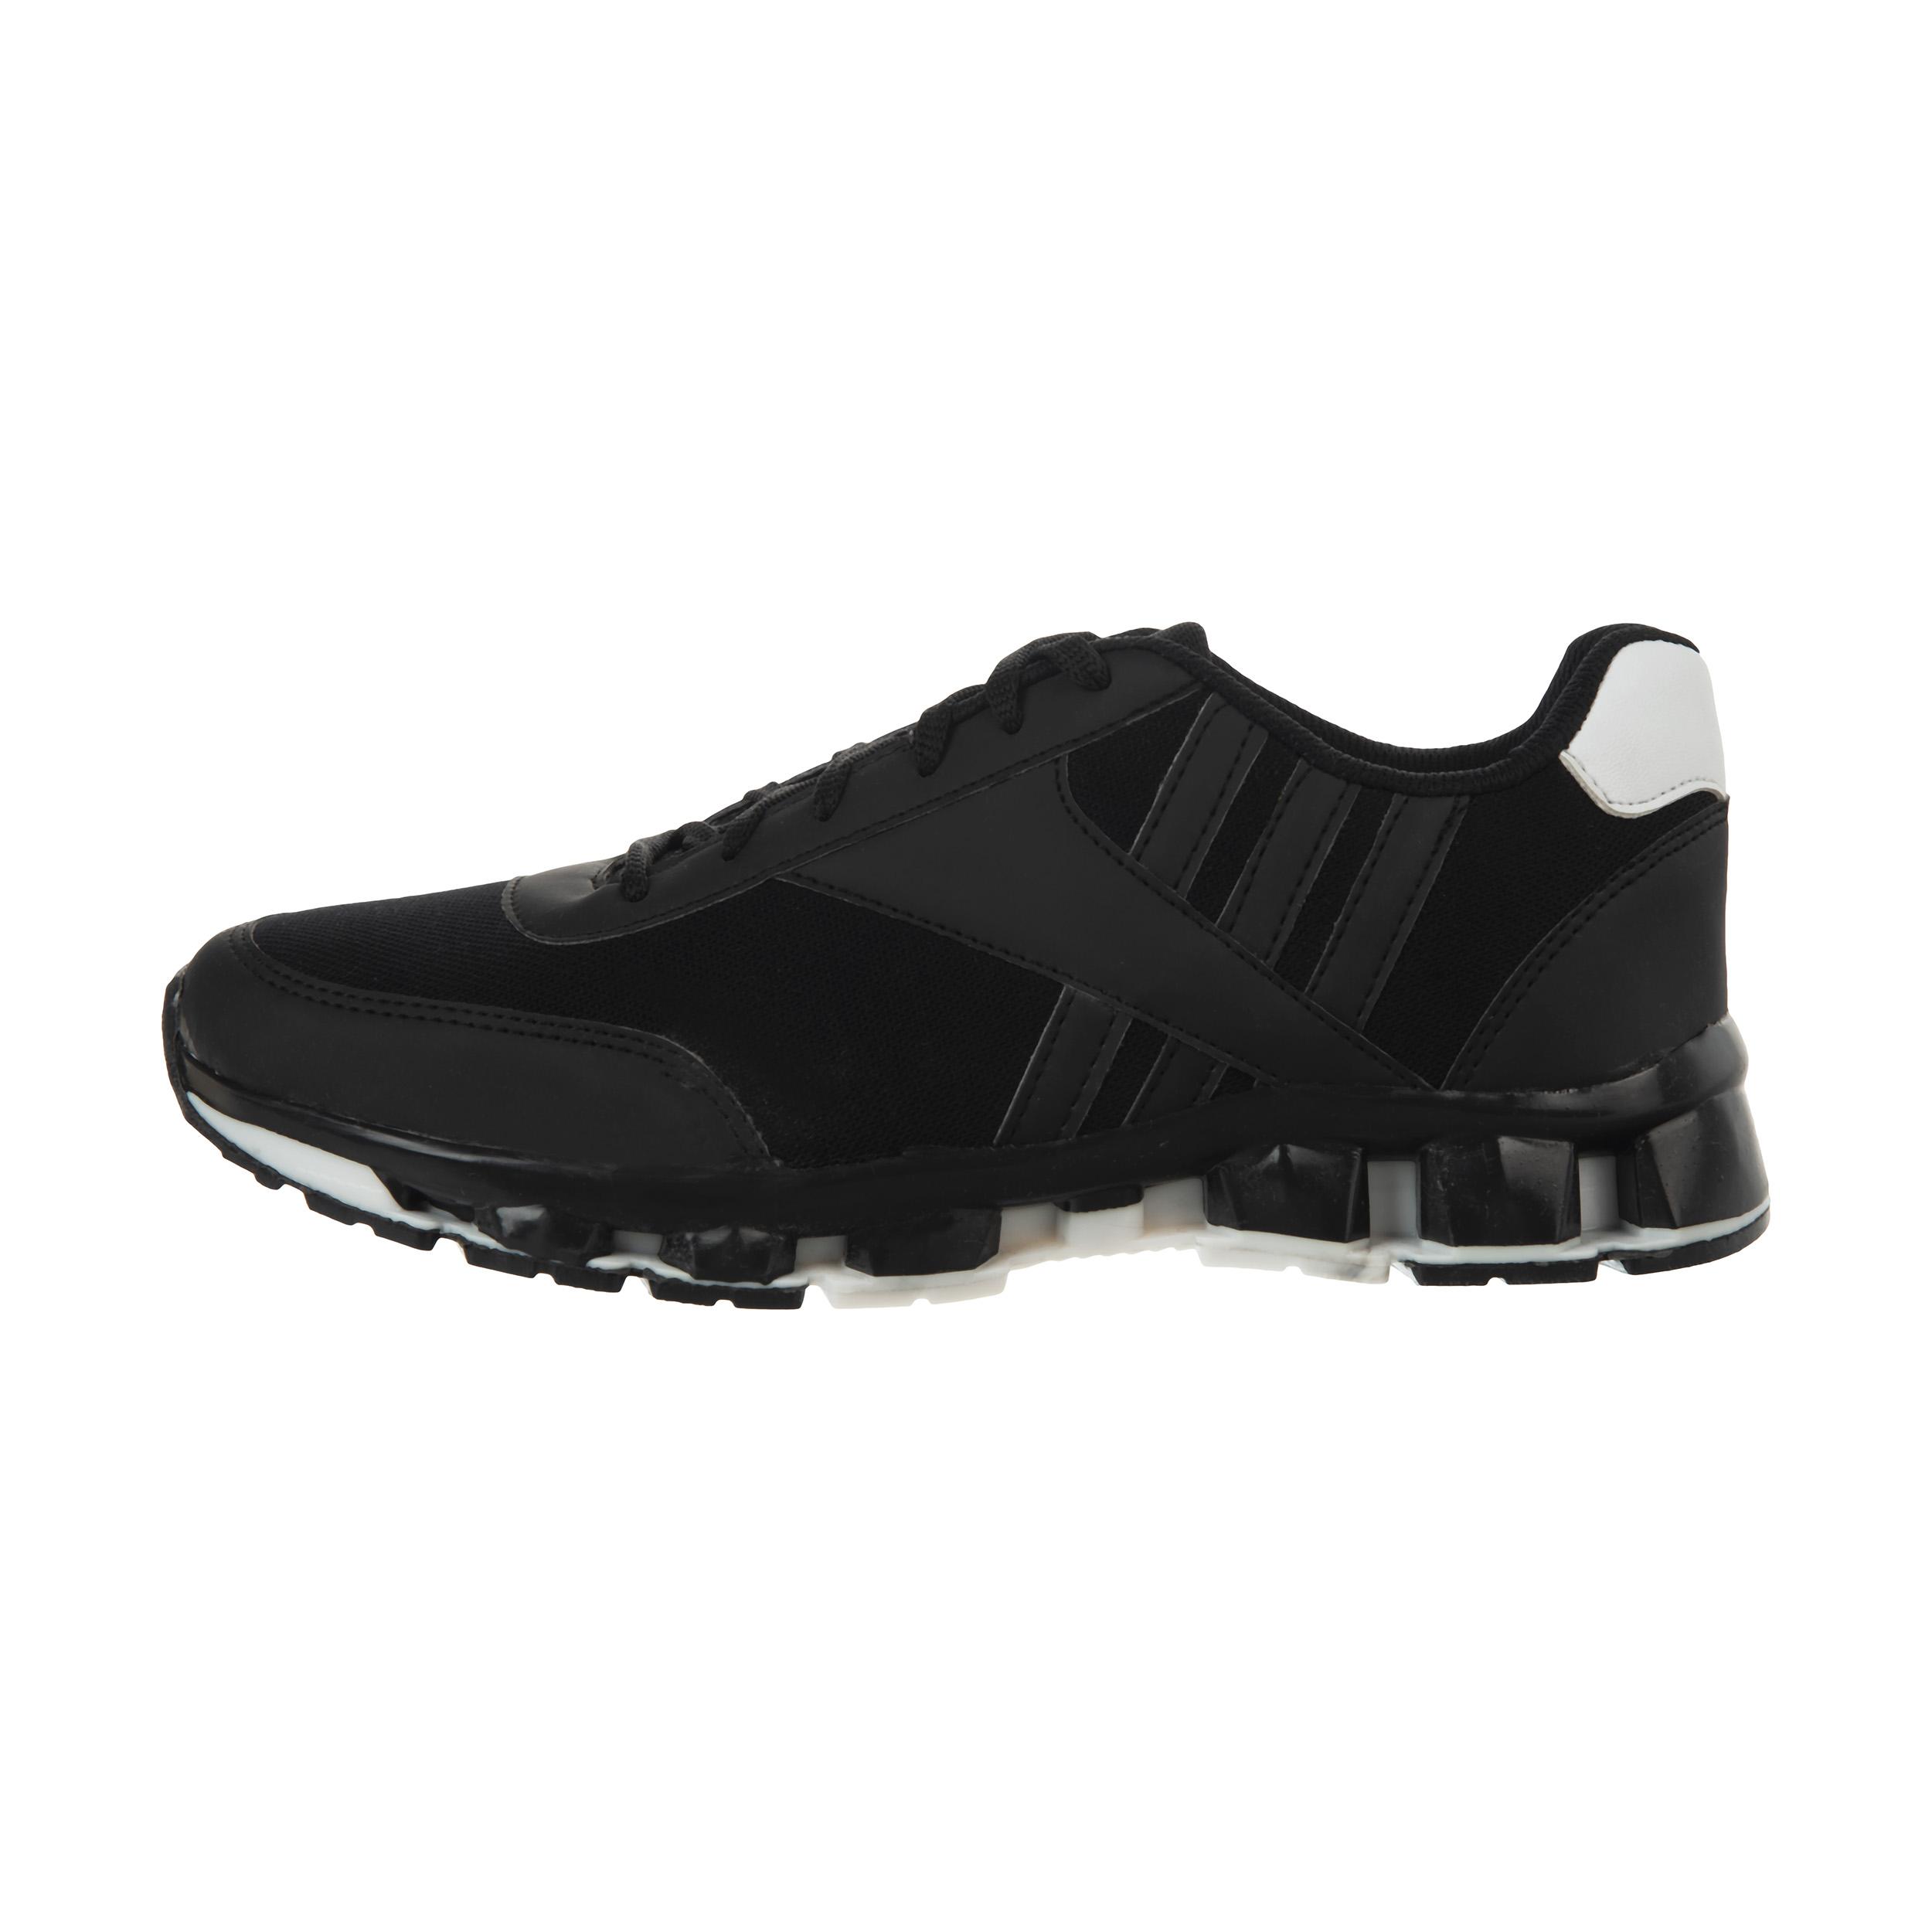 کفش مخصوص پیاده روی مردانه مدل K.bs.053